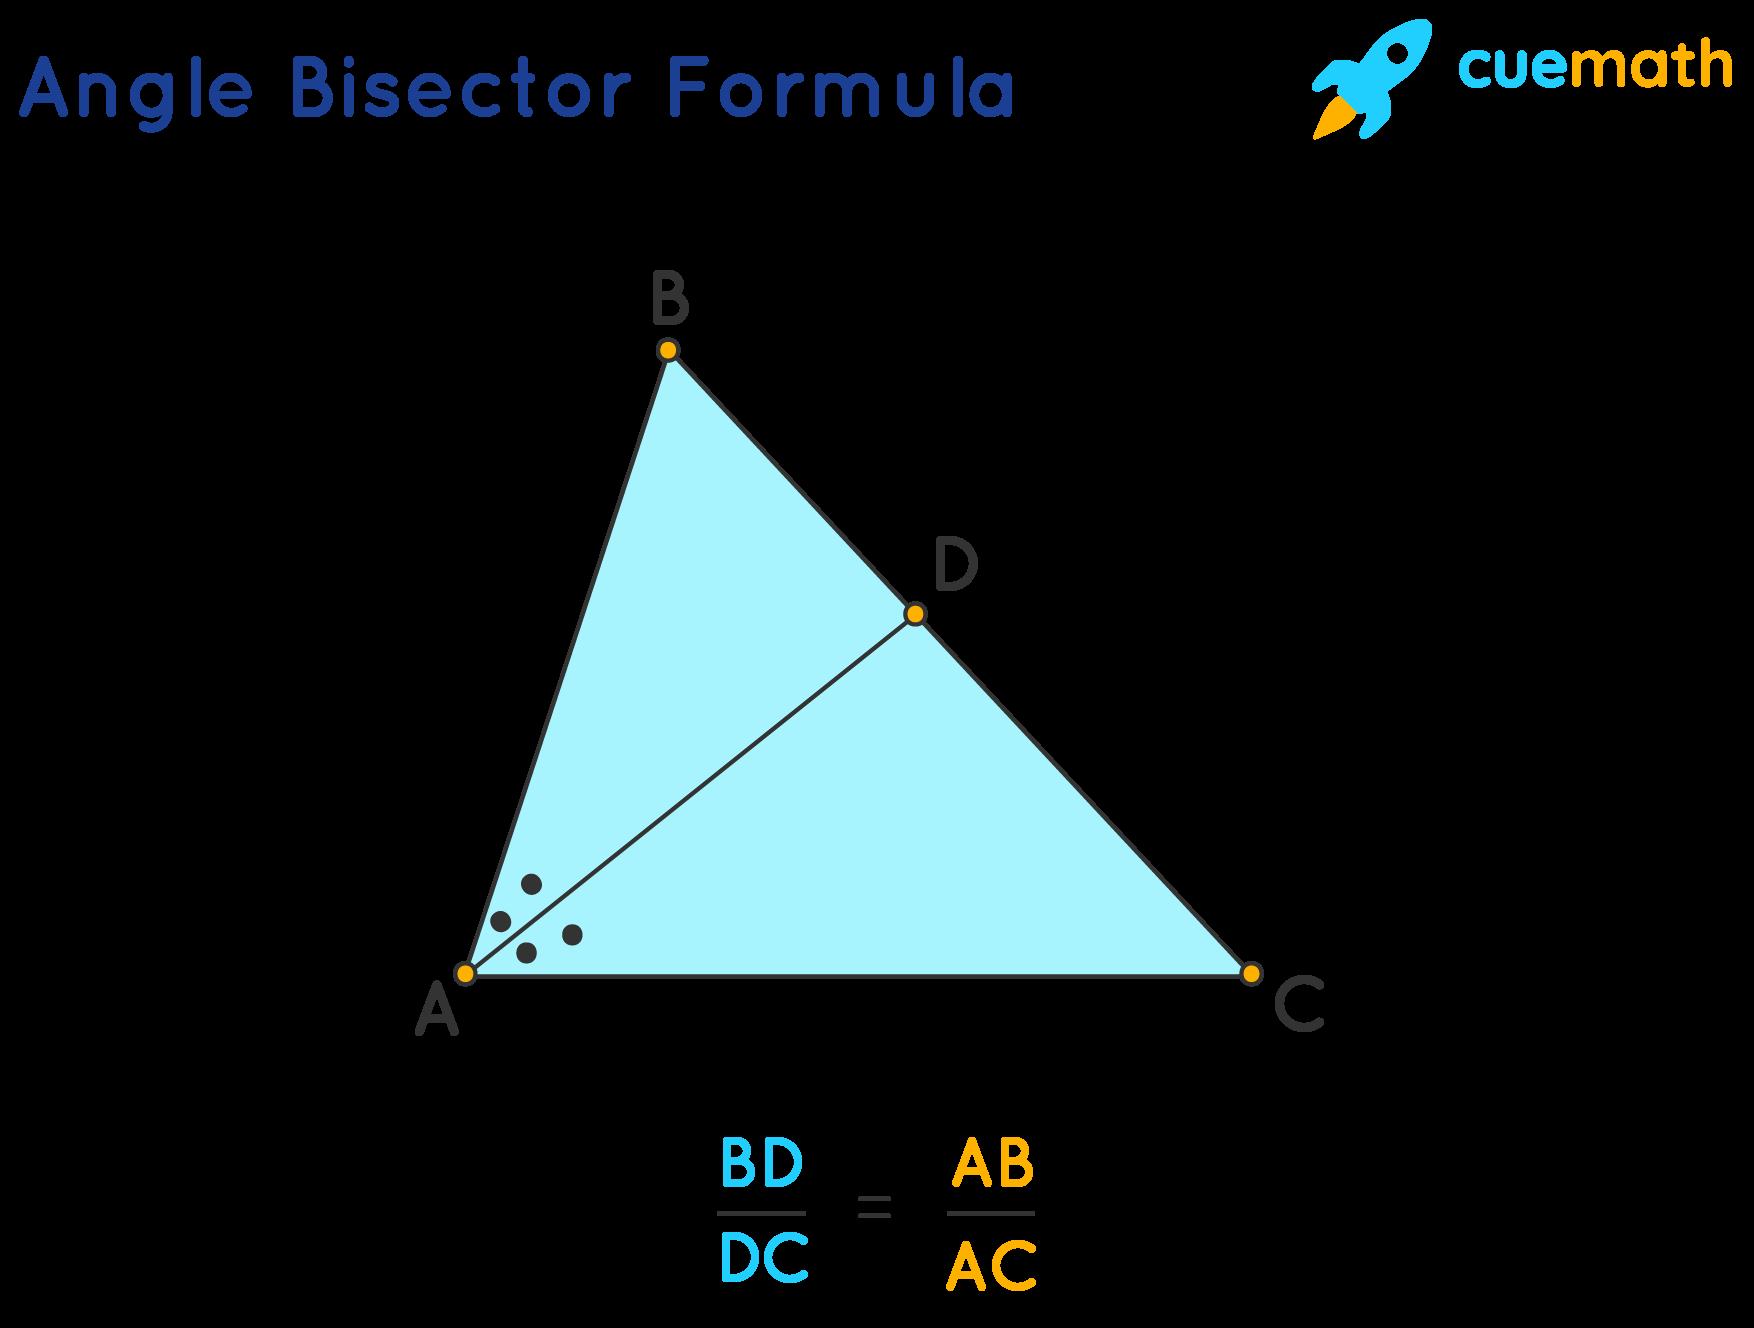 angle bisector formula